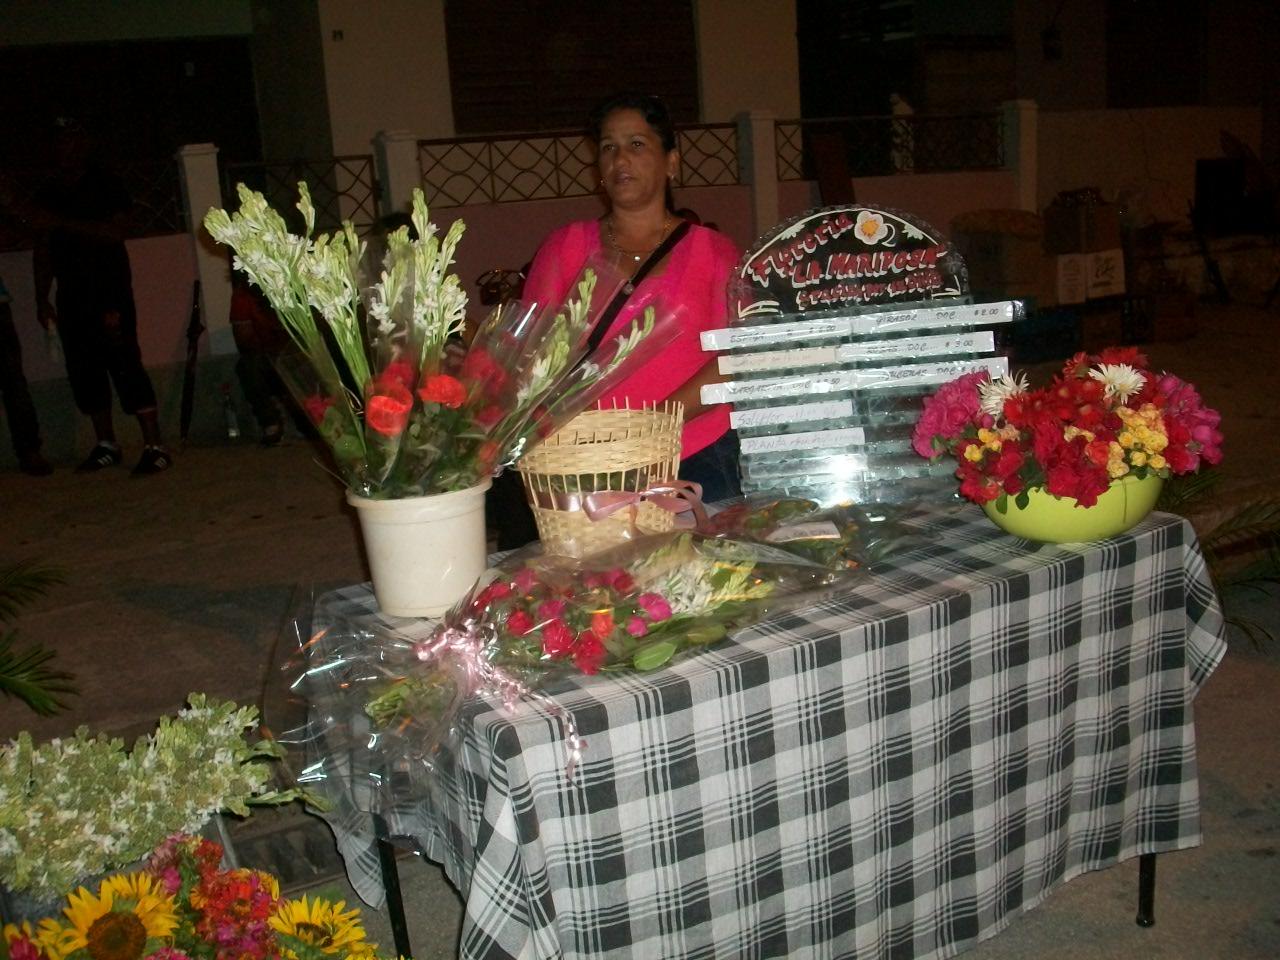 Noche espléndida abre el verano en Manzanillo